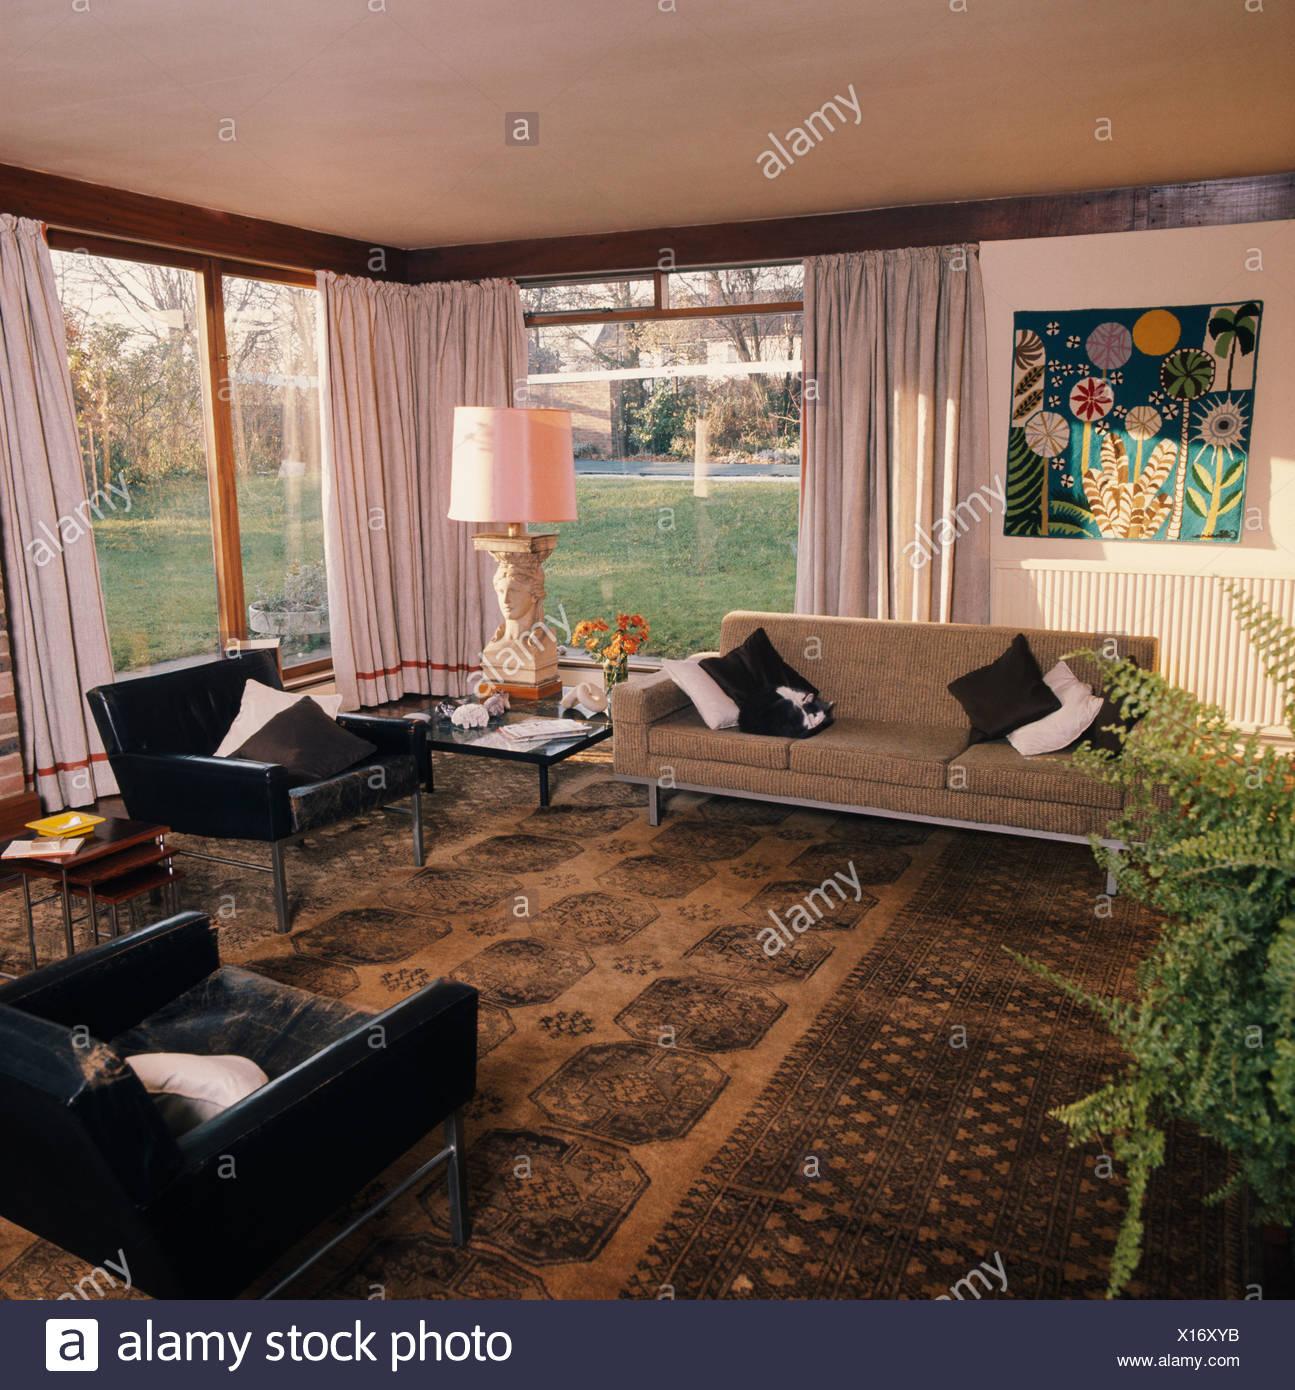 Fauteuils en cuir noir et beige canapé dans années 60 salon avec ...